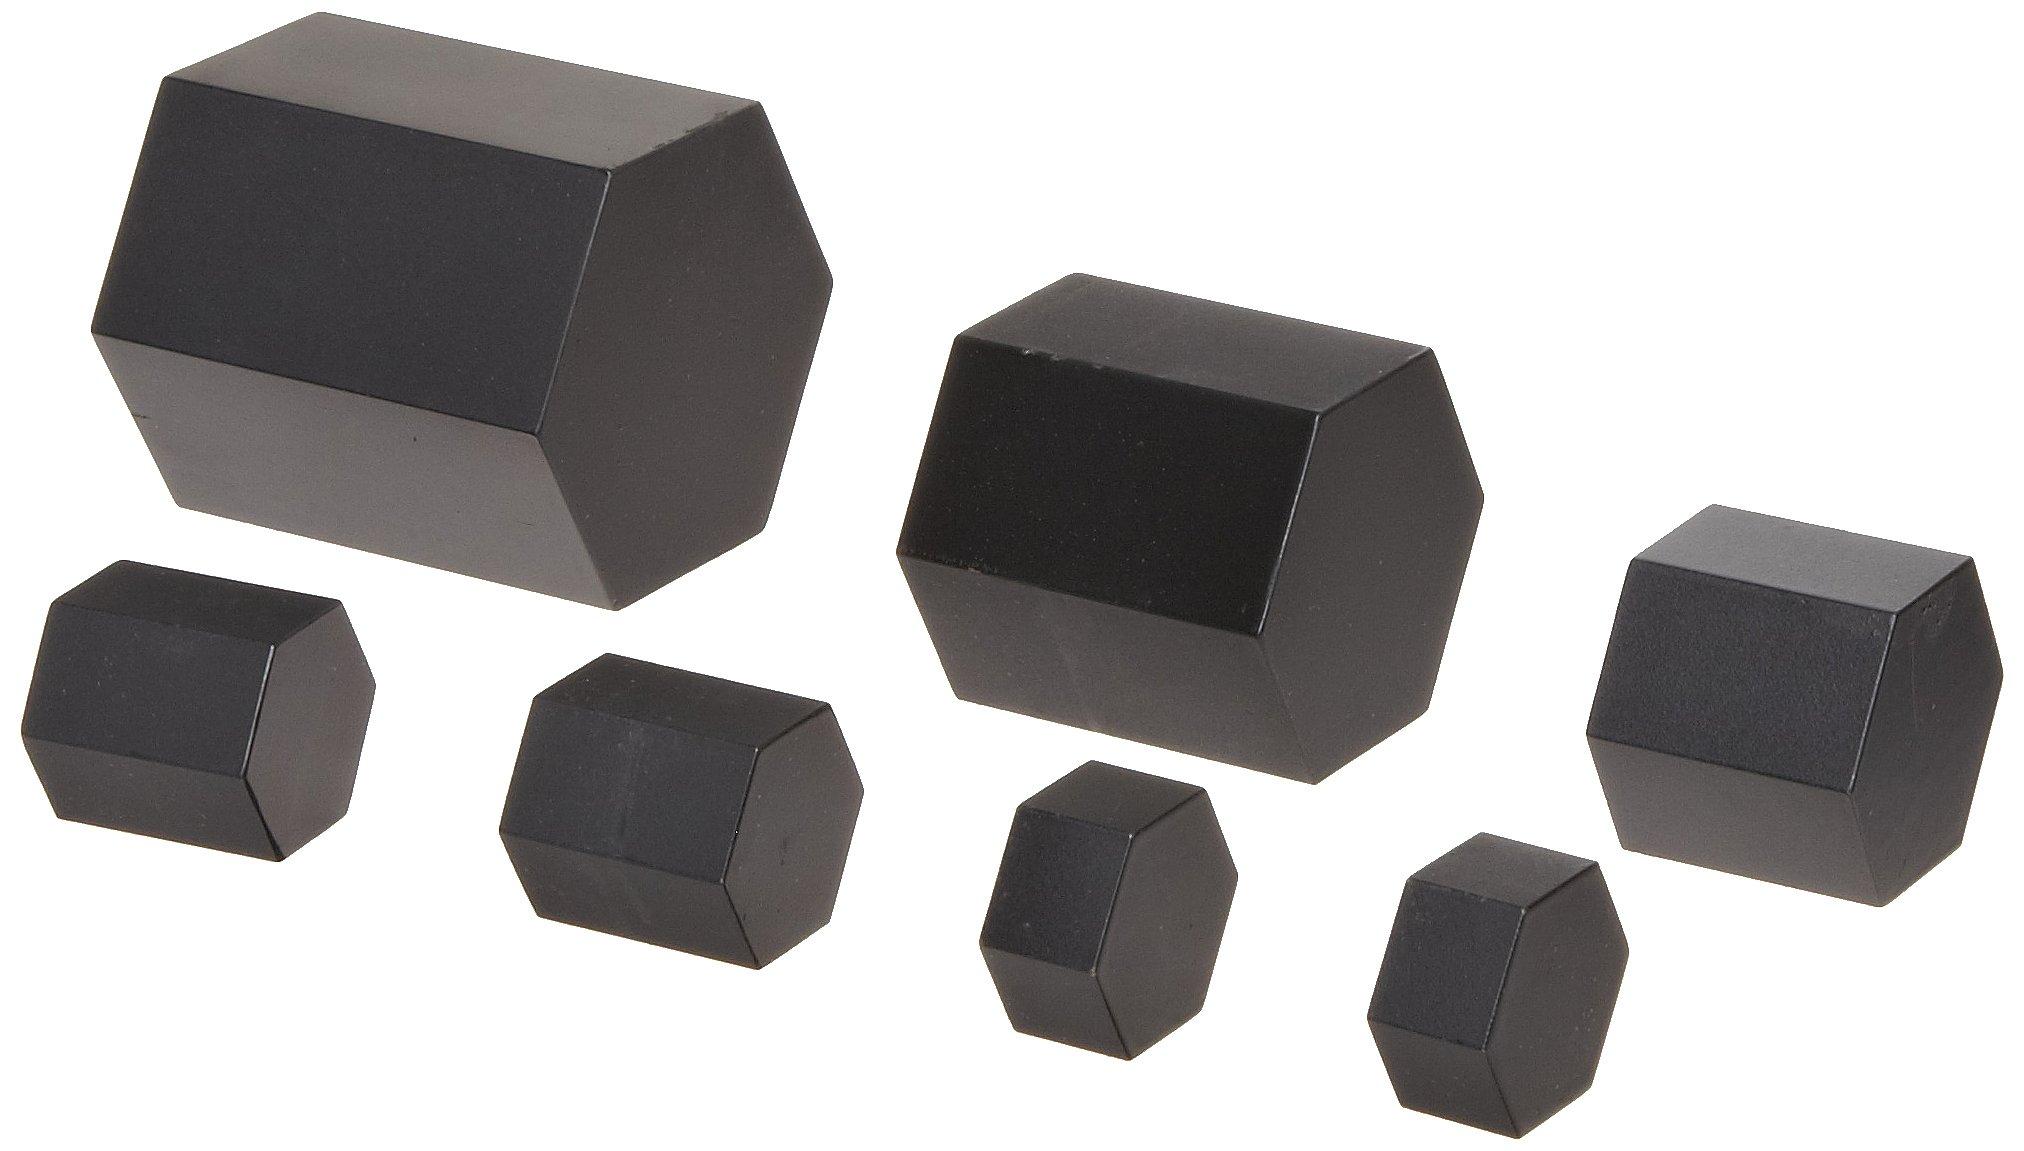 hand2mind 7-Piece Metric Hexagonal Bar Mass Weight Set